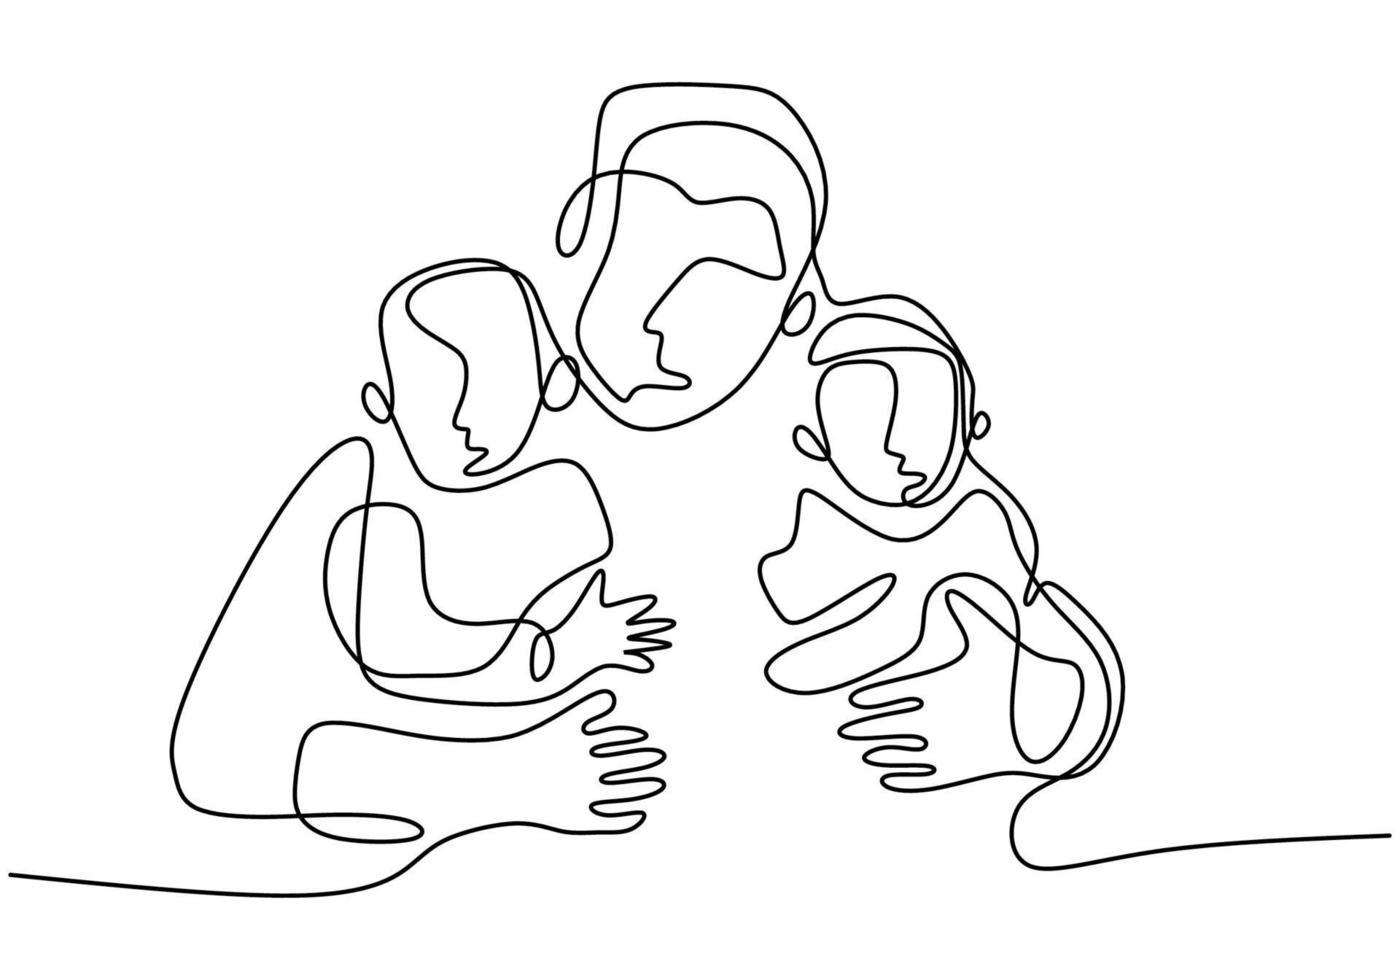 dessin au trait continu du père avec son bébé. heureux jeune papa s'occupant de son enfant et montrant son amour. Joyeuse fête des pères. concept de temps en famille. conception de minimalisme. illustration vectorielle vecteur